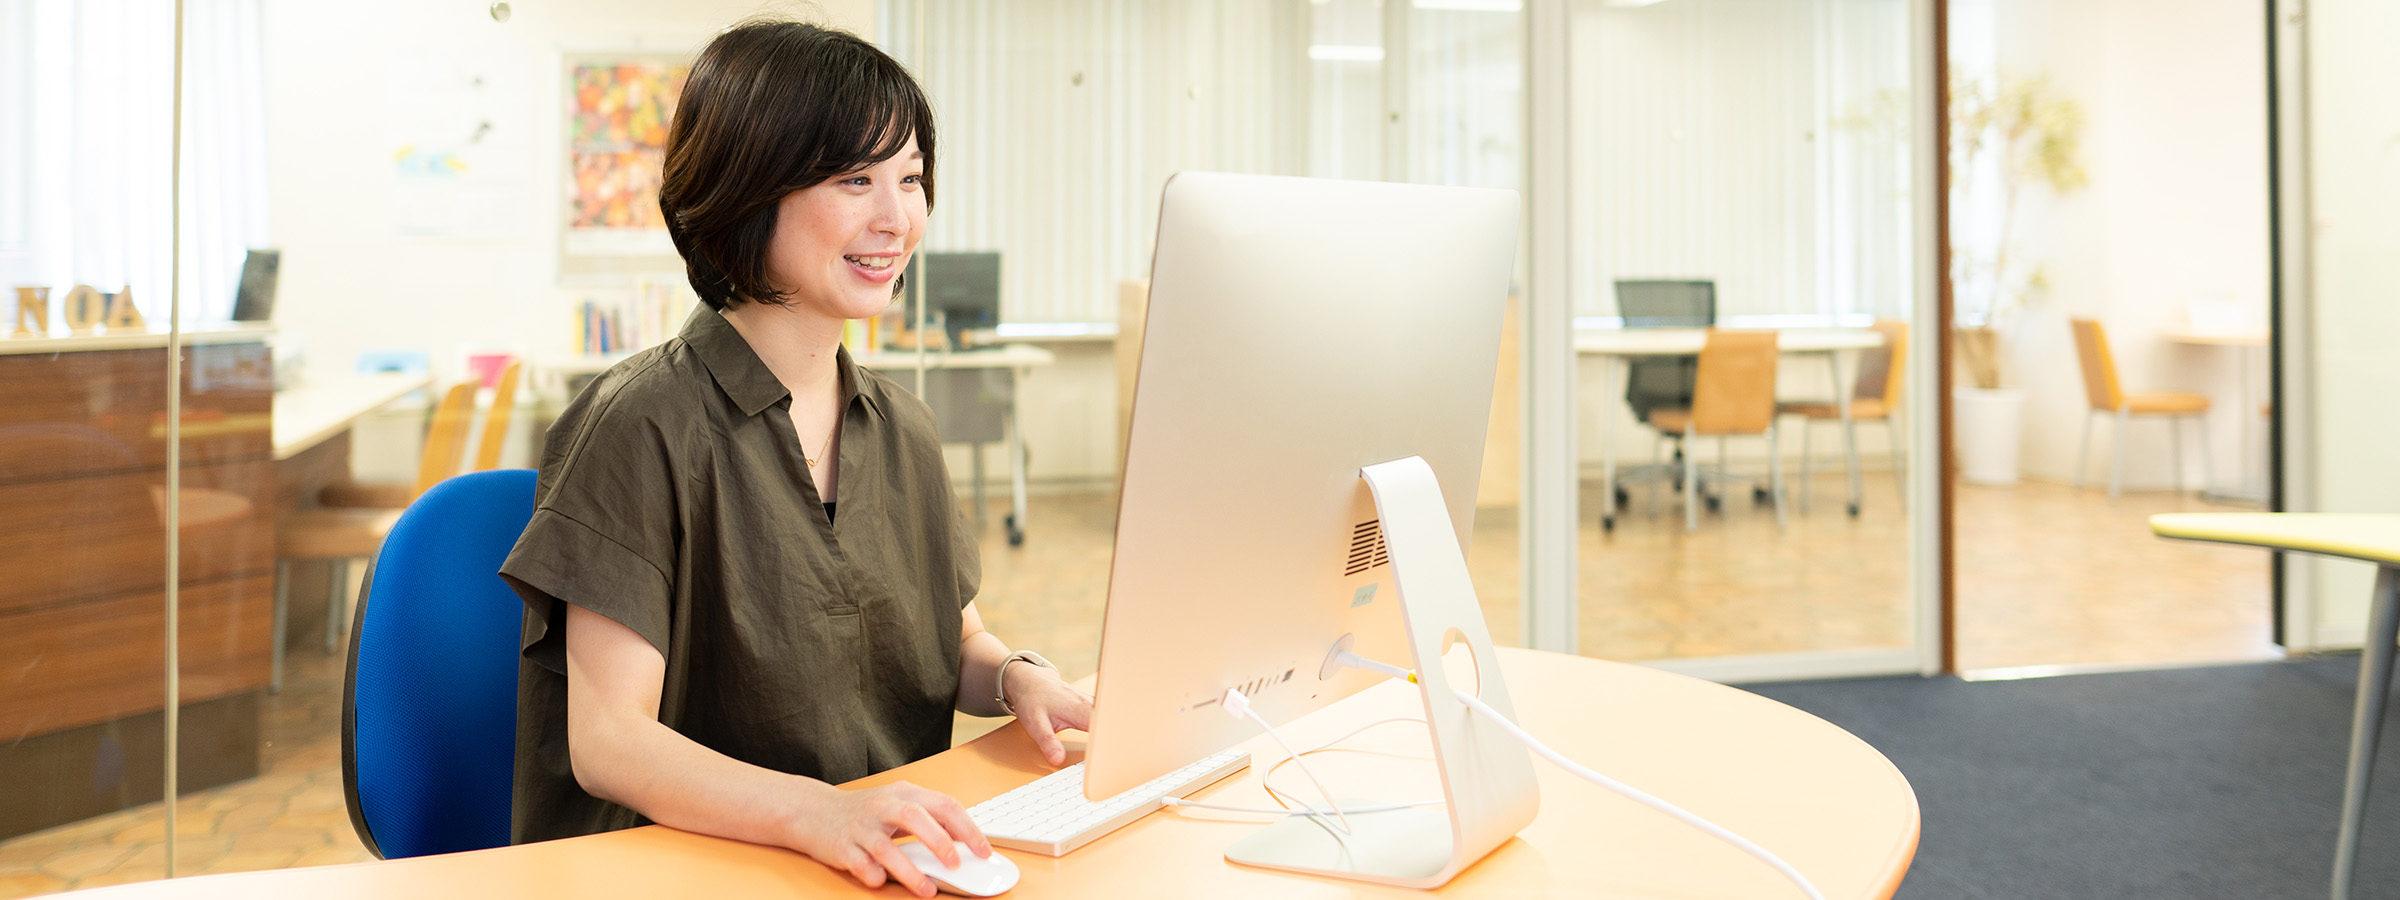 WEBデザイナー養成+ビジネススキルコース